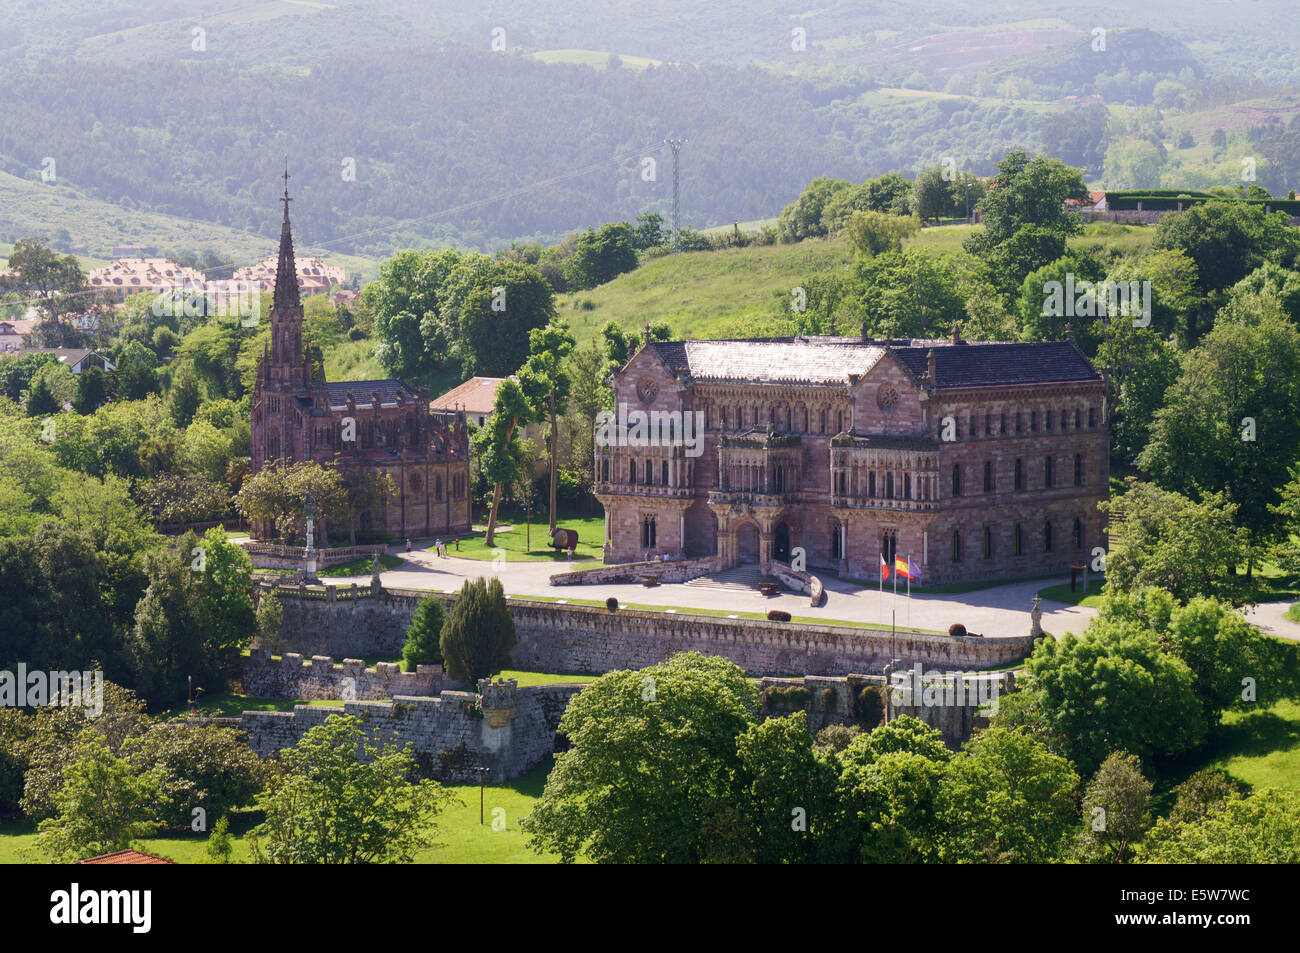 View of El Palacio de Sobrellano and church, Comillas,  Cantabria, Northern Spain, Europe - Stock Image